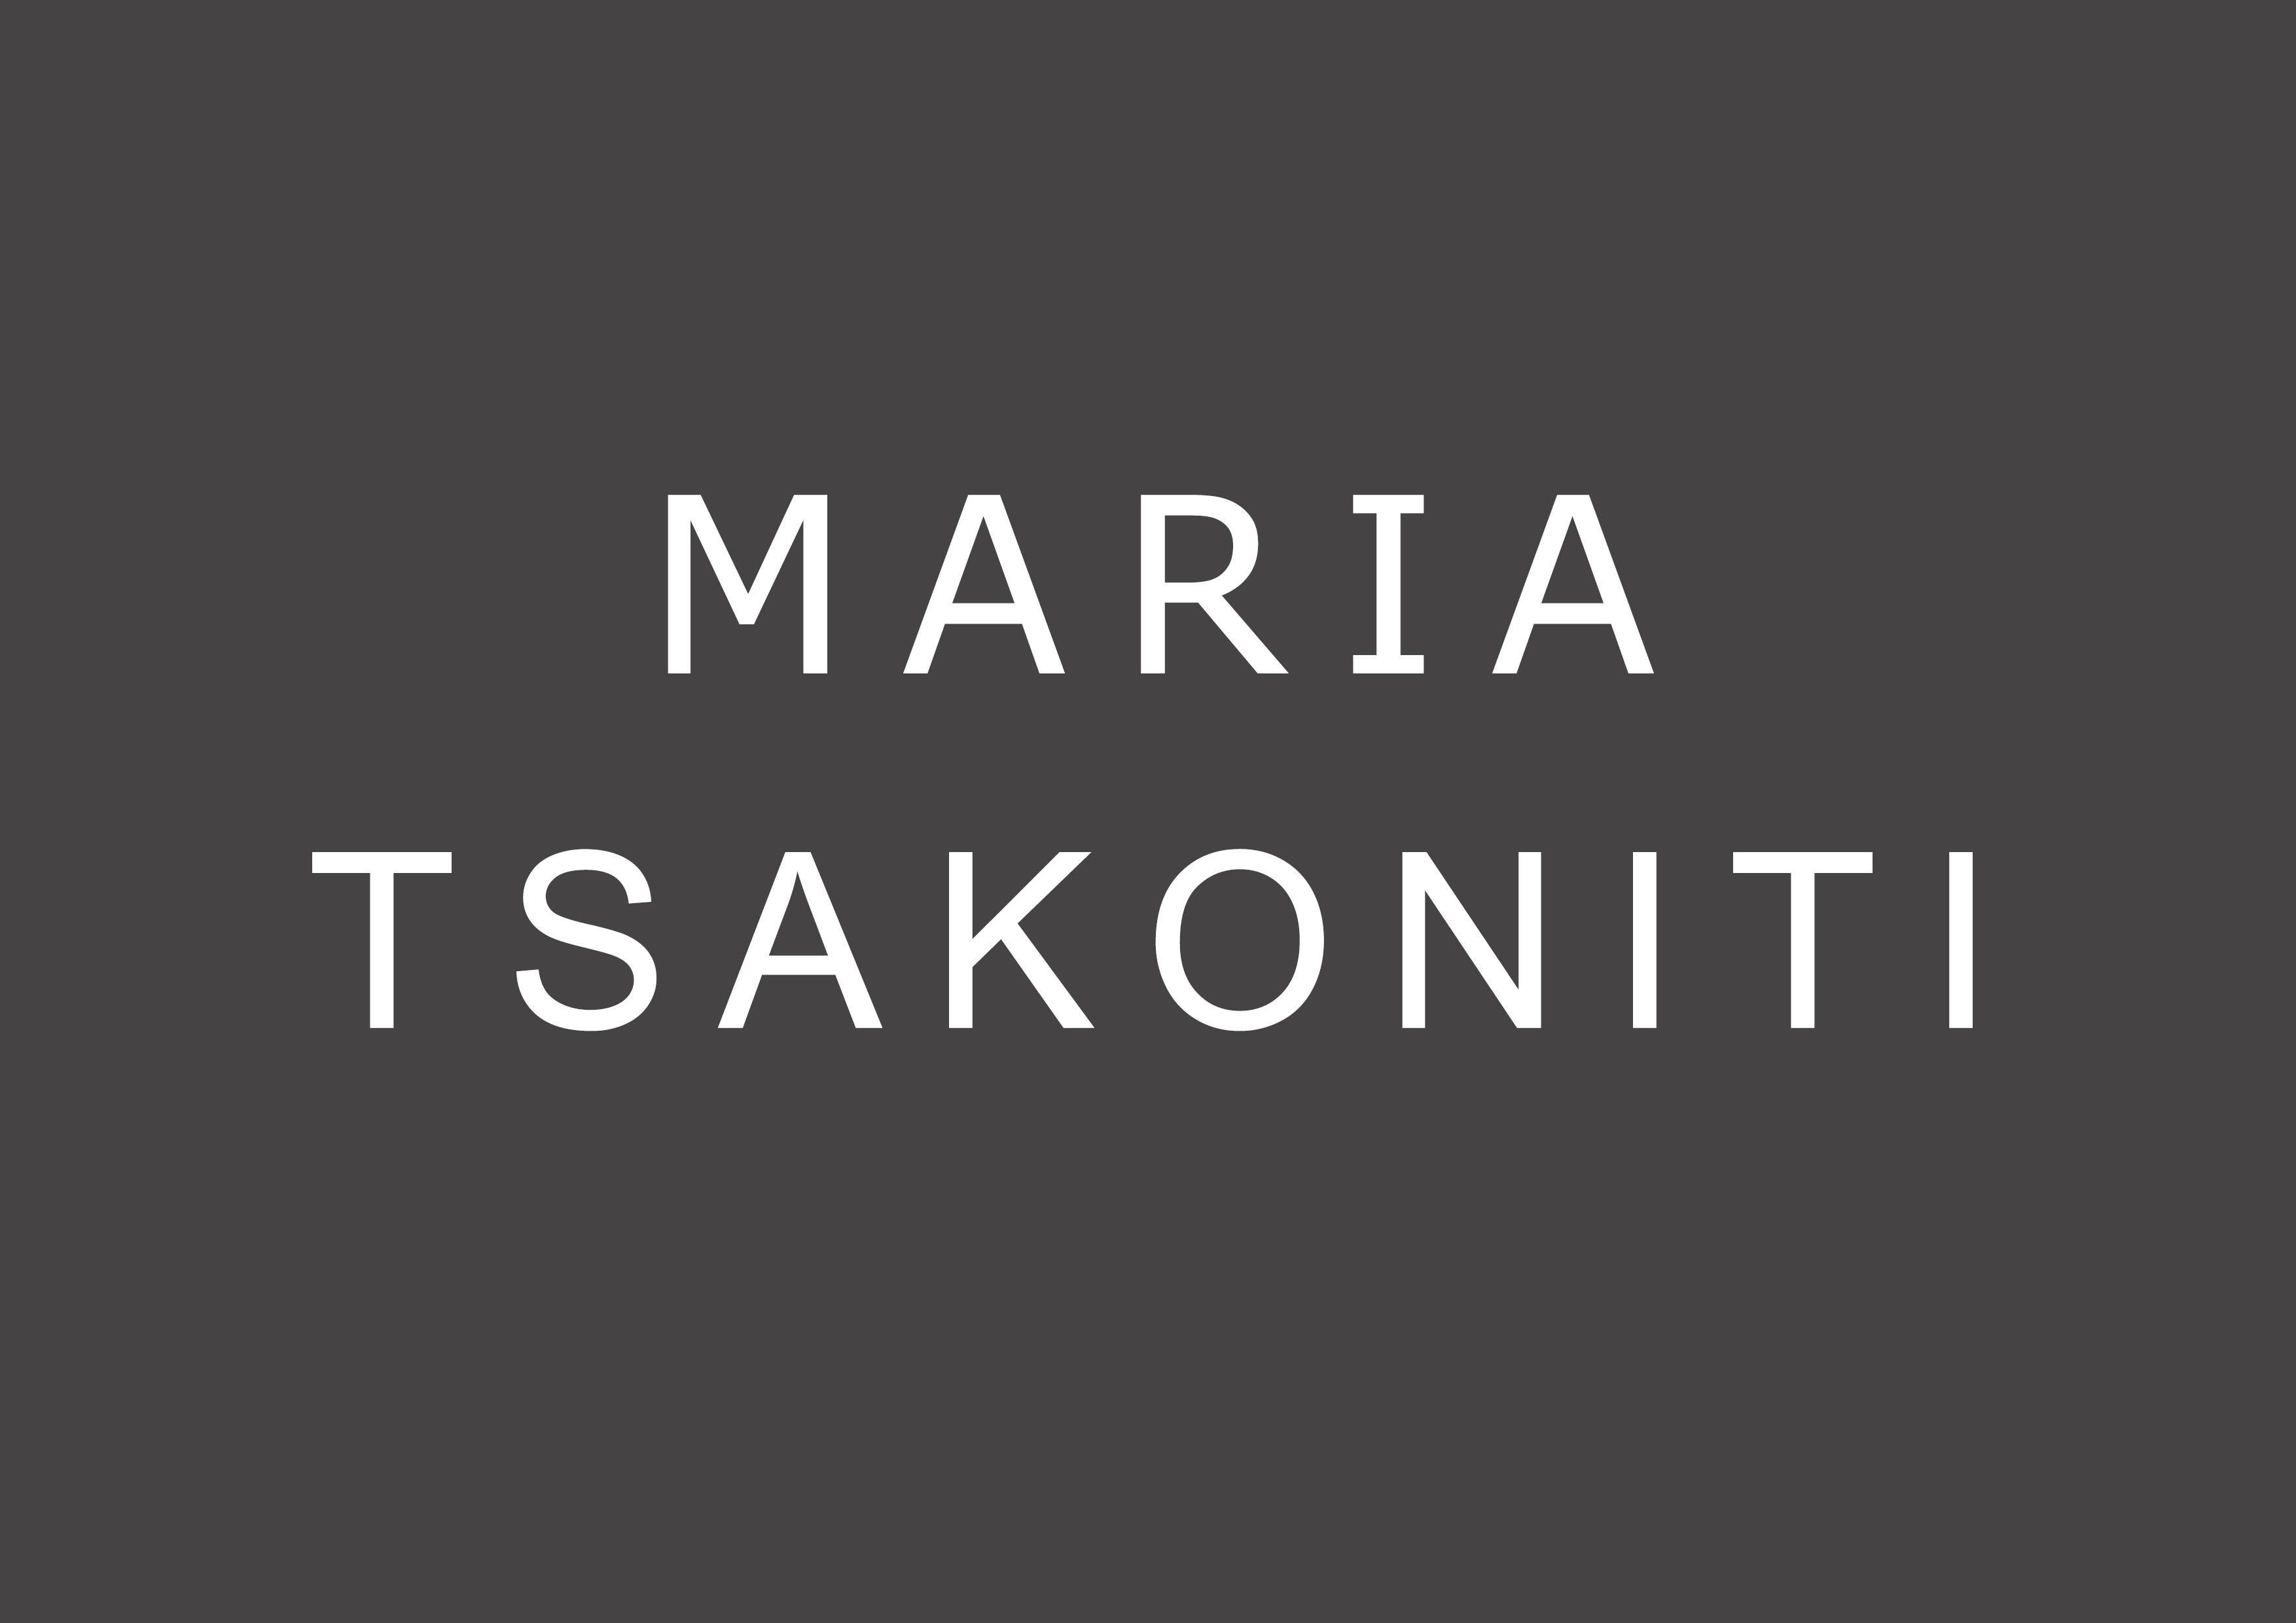 MARIA TSAKONITI